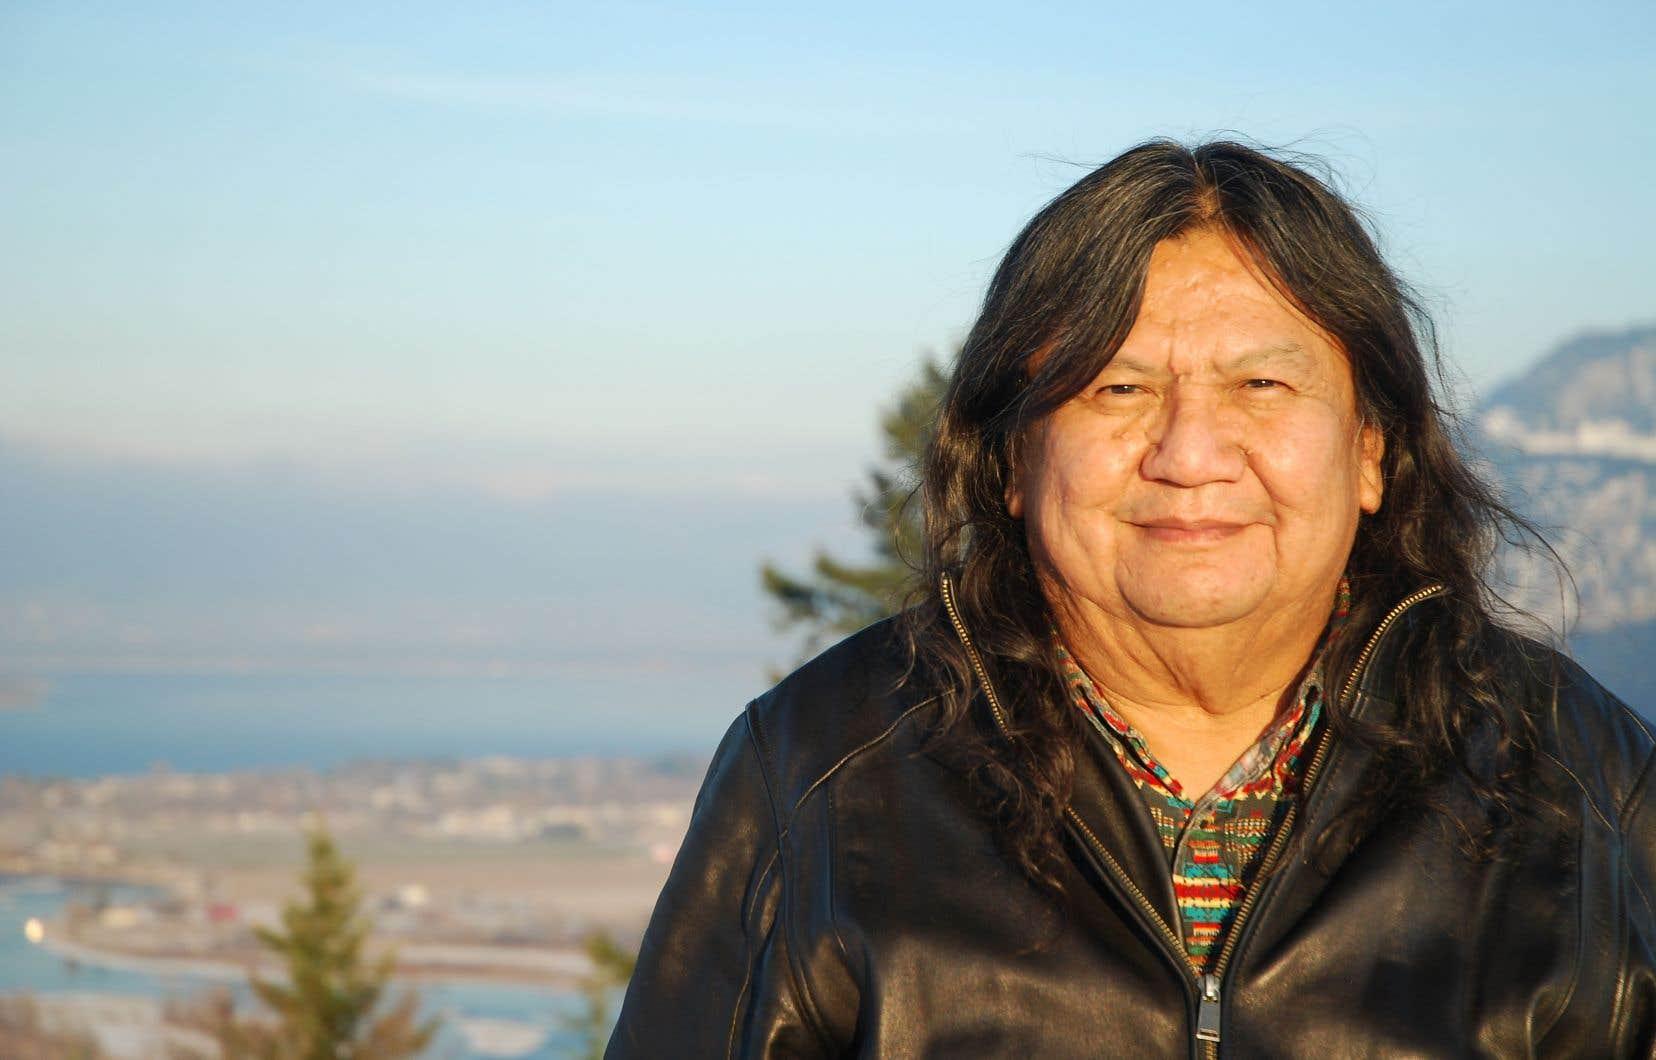 L'autobiographie d'Arthur Manuel retrace 50ans de militantisme autochtone.